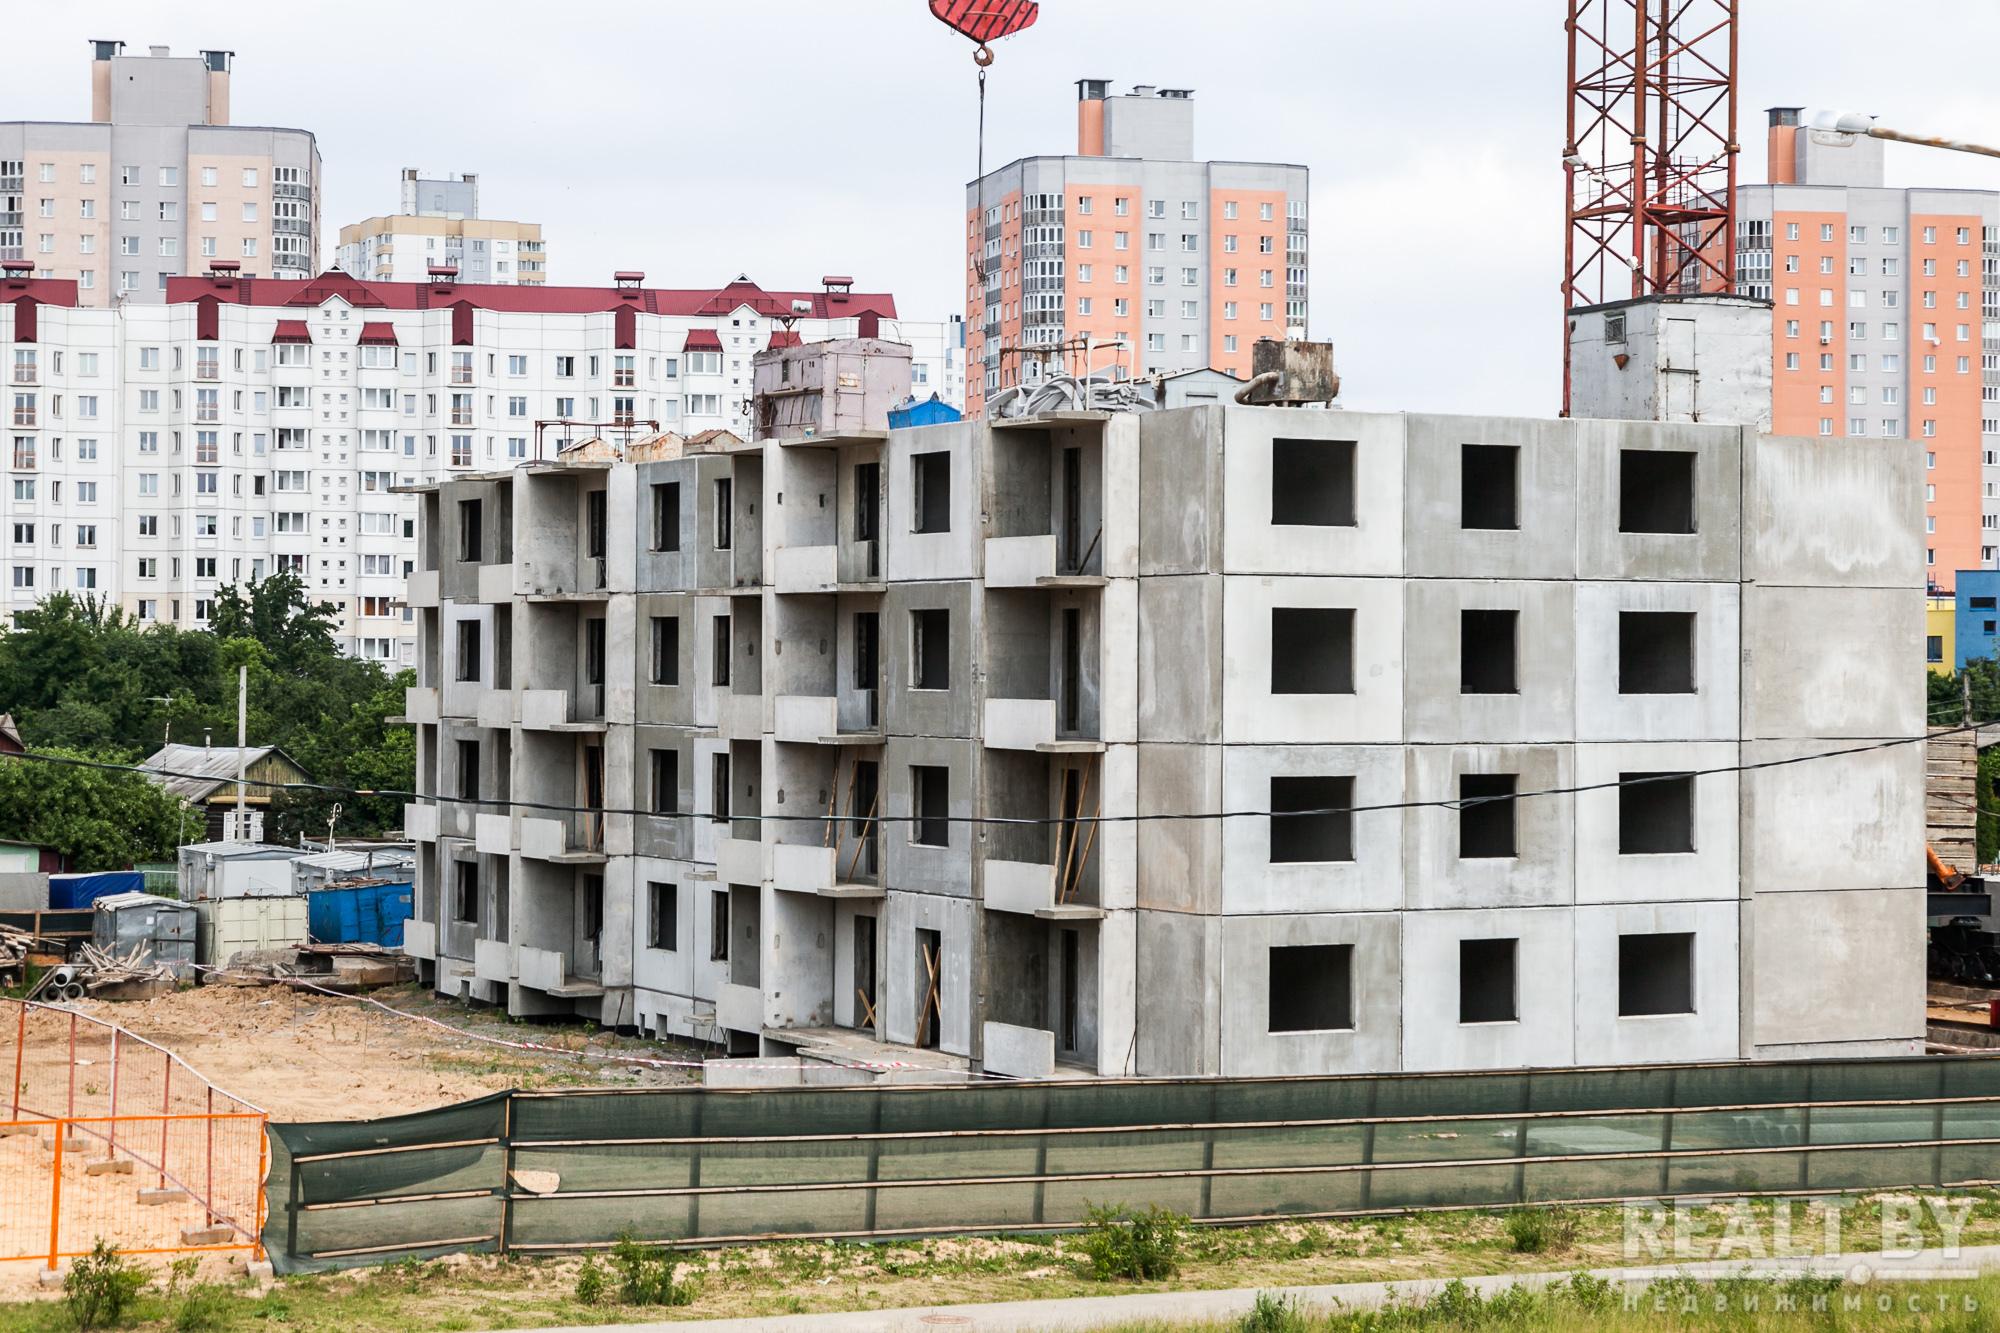 Бетон сухарево дипломная работа растворы строительные